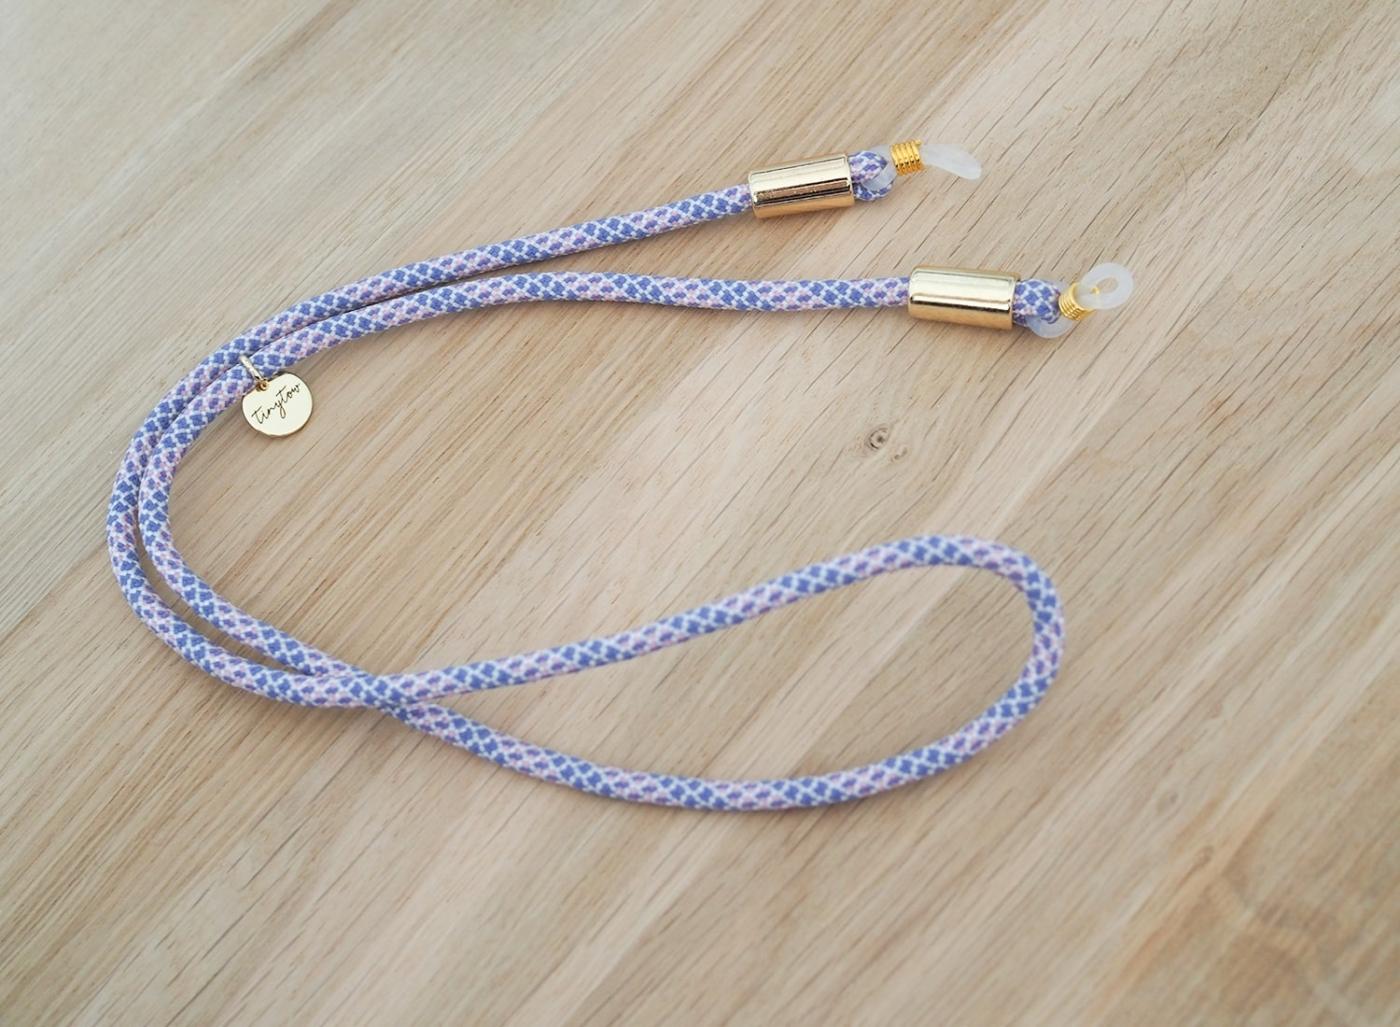 Hellblau-rosanes Brillenband mit goldenen Details